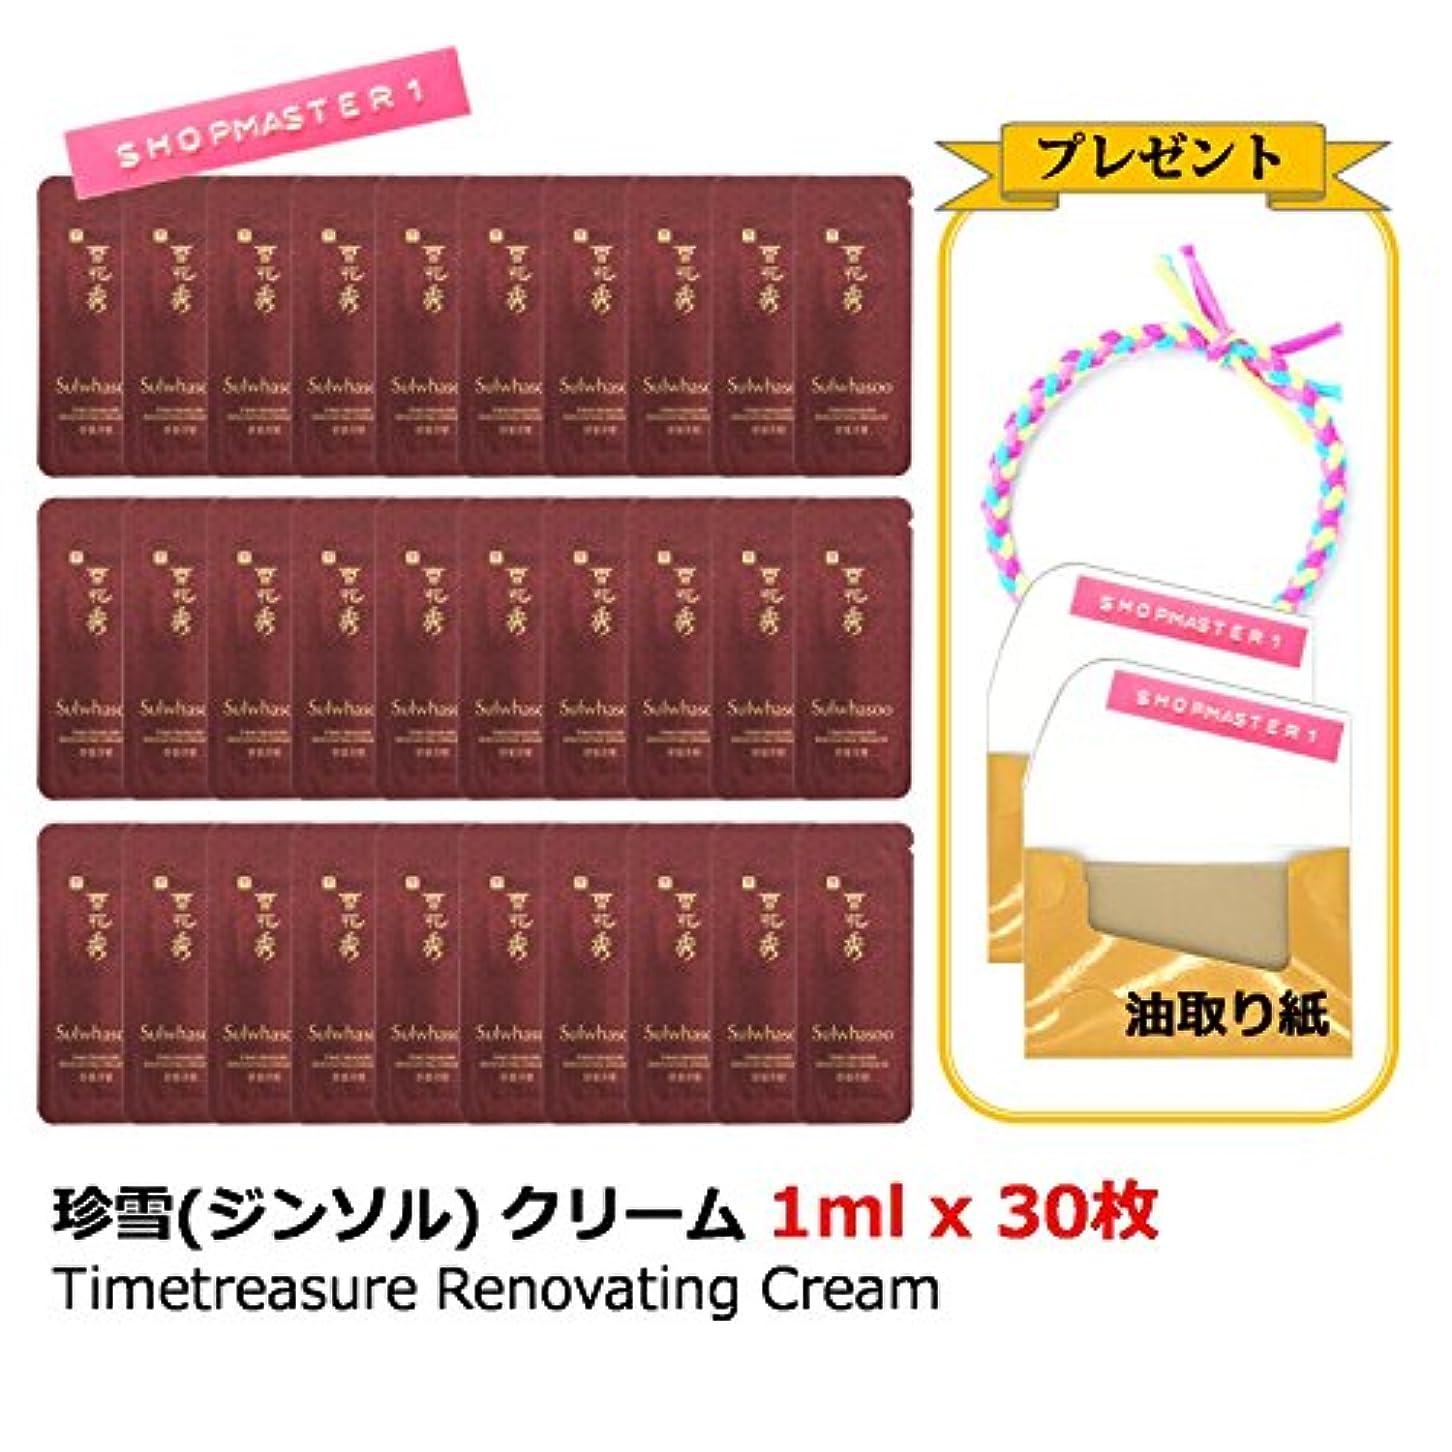 手首麺詳細な【Sulwhasoo ソルファス】珍雪(ジンソル) クリーム 1ml x 30枚 Timetreasure Renovating Cream/プレゼント 油取り紙 2個(30枚ずつ)、ヘアタイ/海外直配送